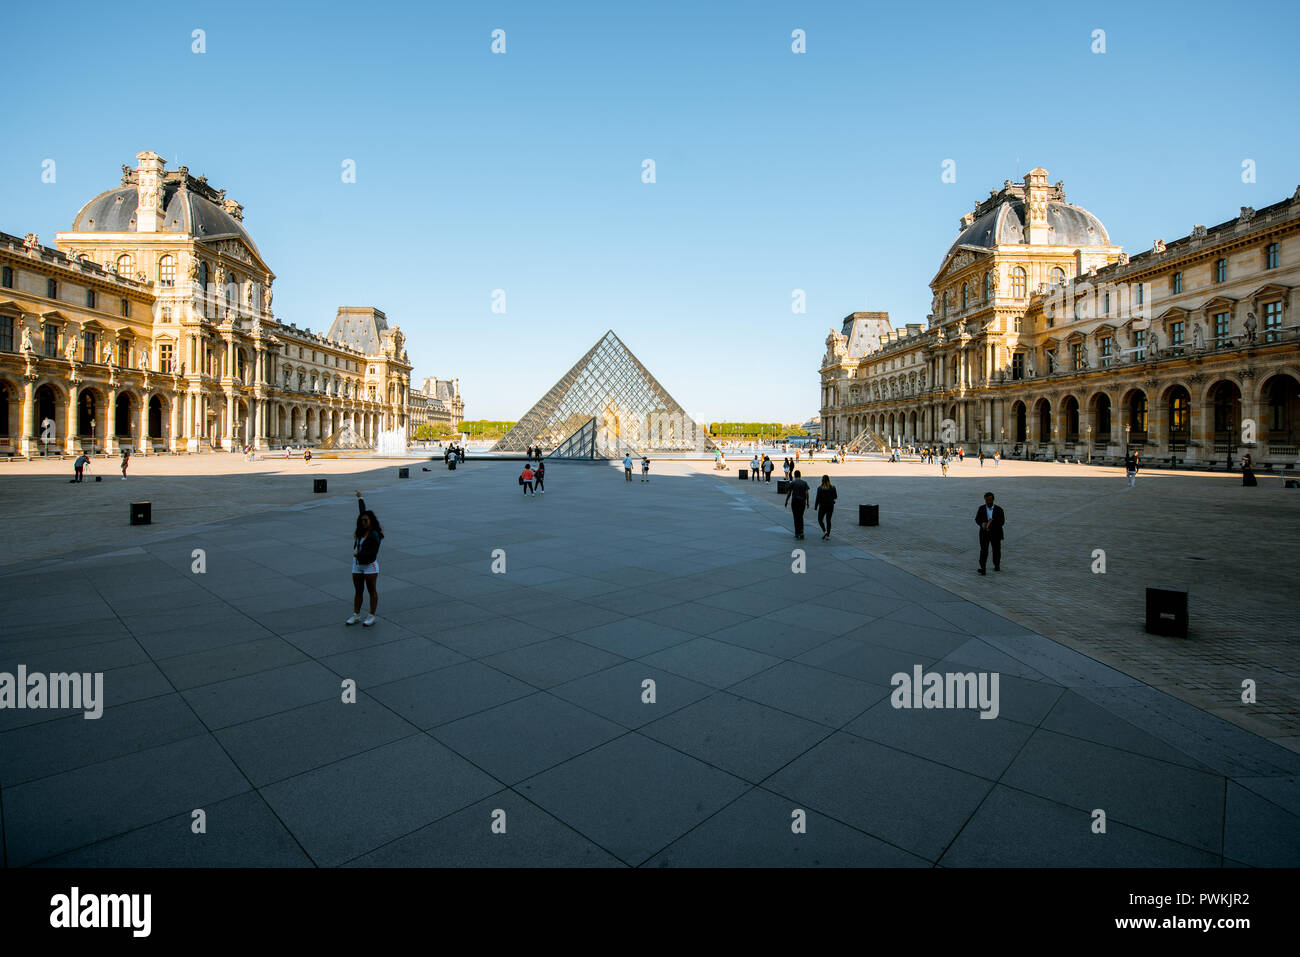 París, Francia - Septiembre 01, 2018: Ver en el museo del Louvre con pirámides de vidrio, el museo de arte más grande del mundo y un monumento histórico en París Foto de stock